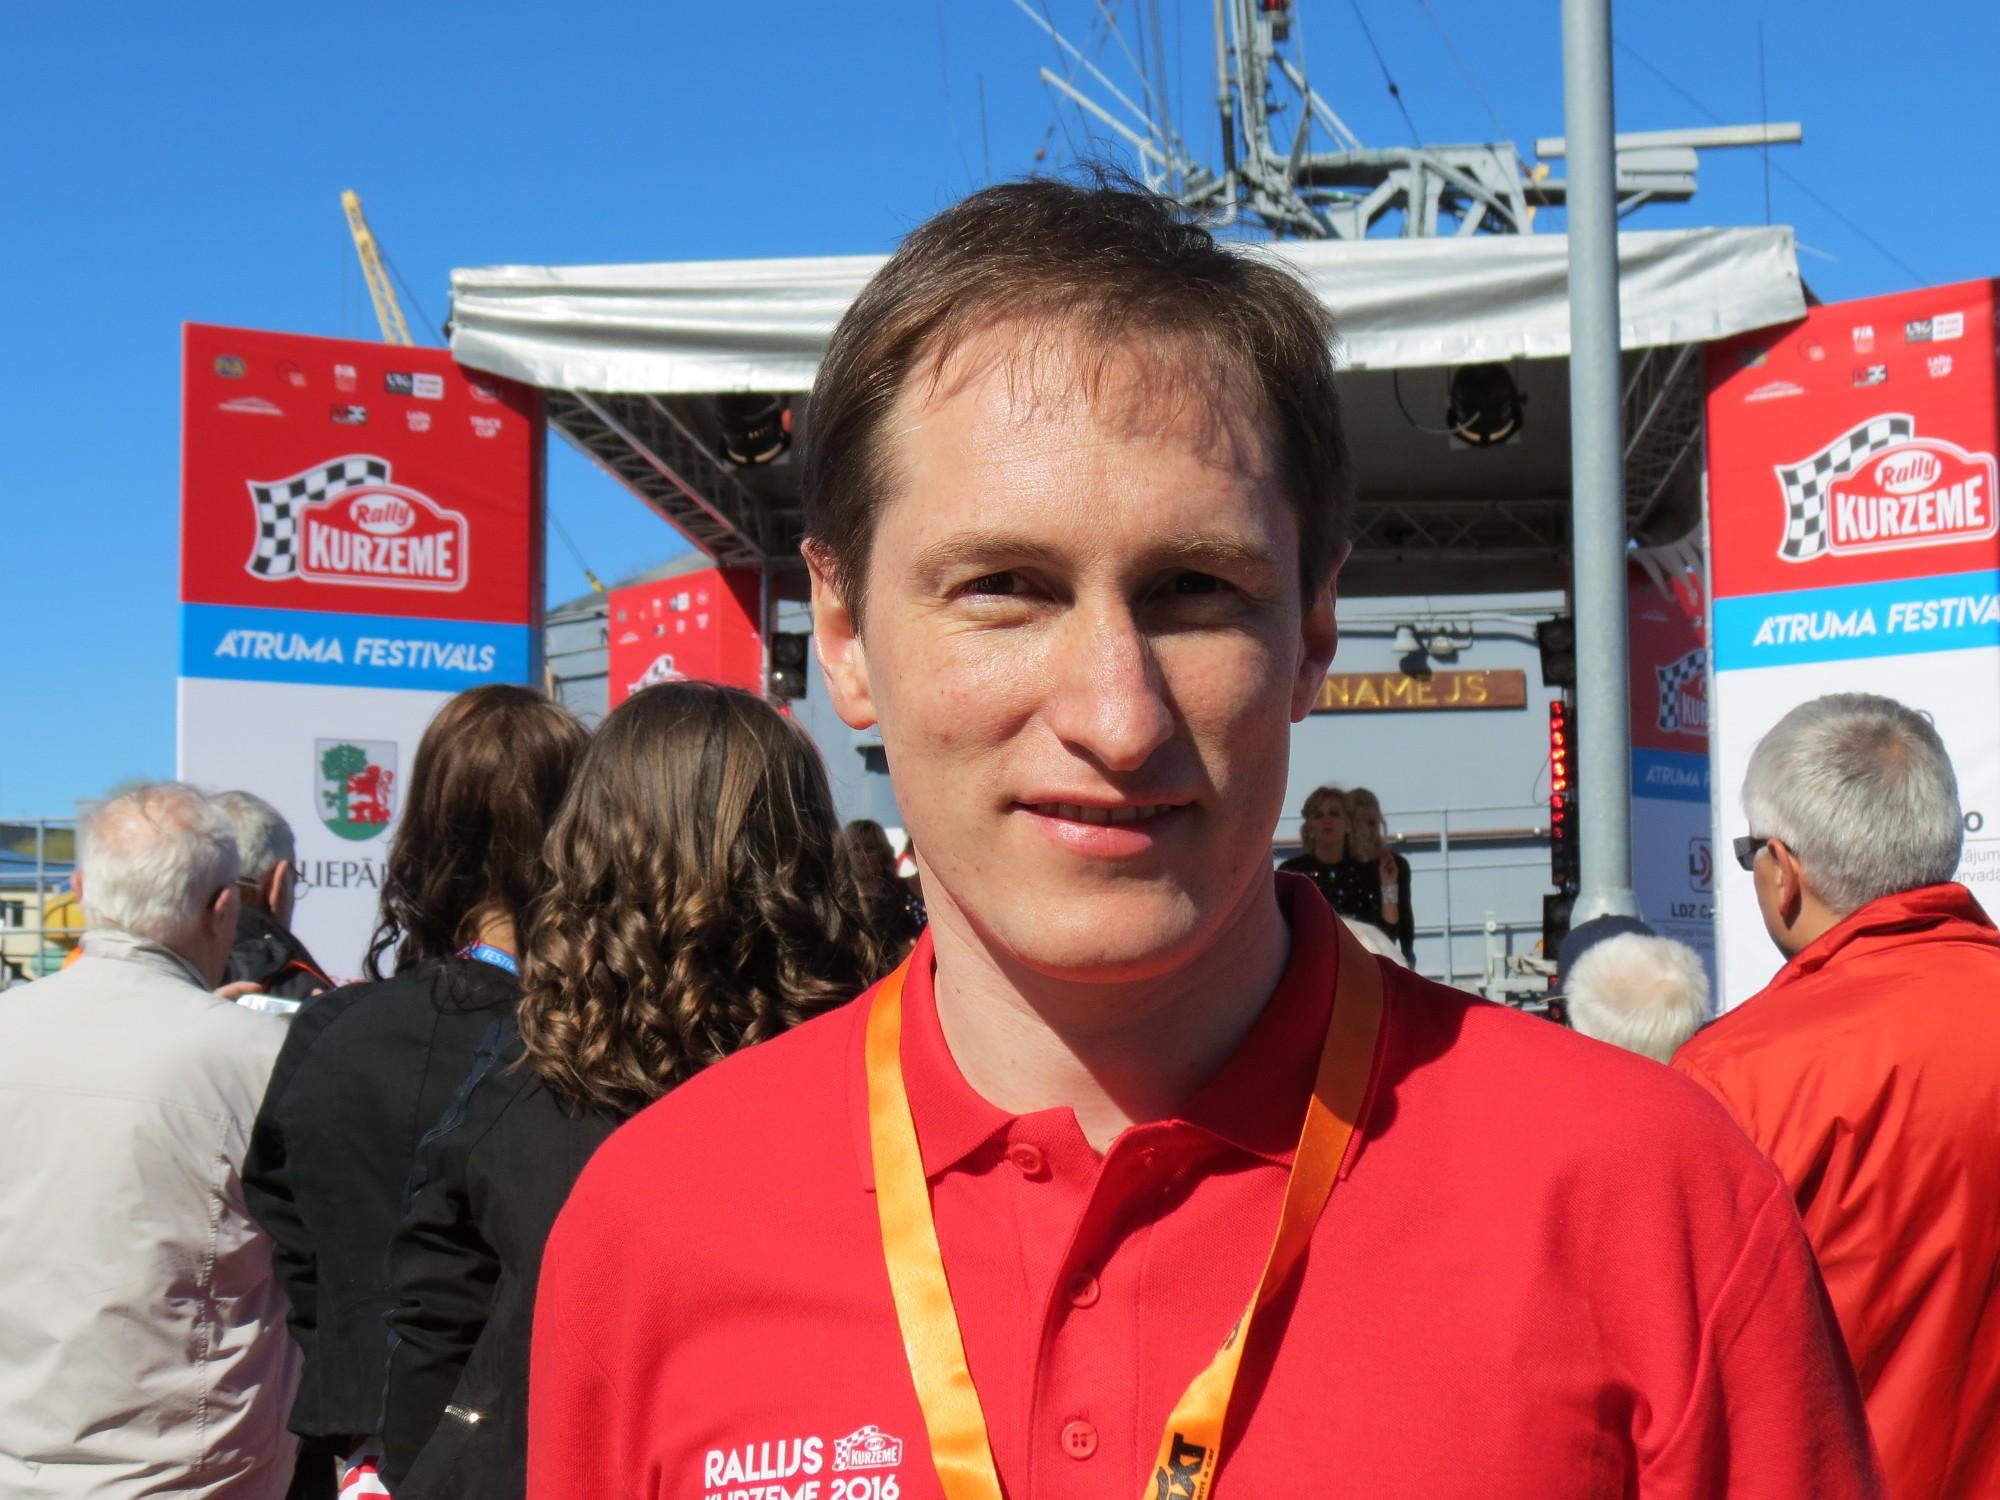 Uldis Hmieļevskis: Rallijs – augstākā līga, kurā startē paši meistarīgākie un ātrākie